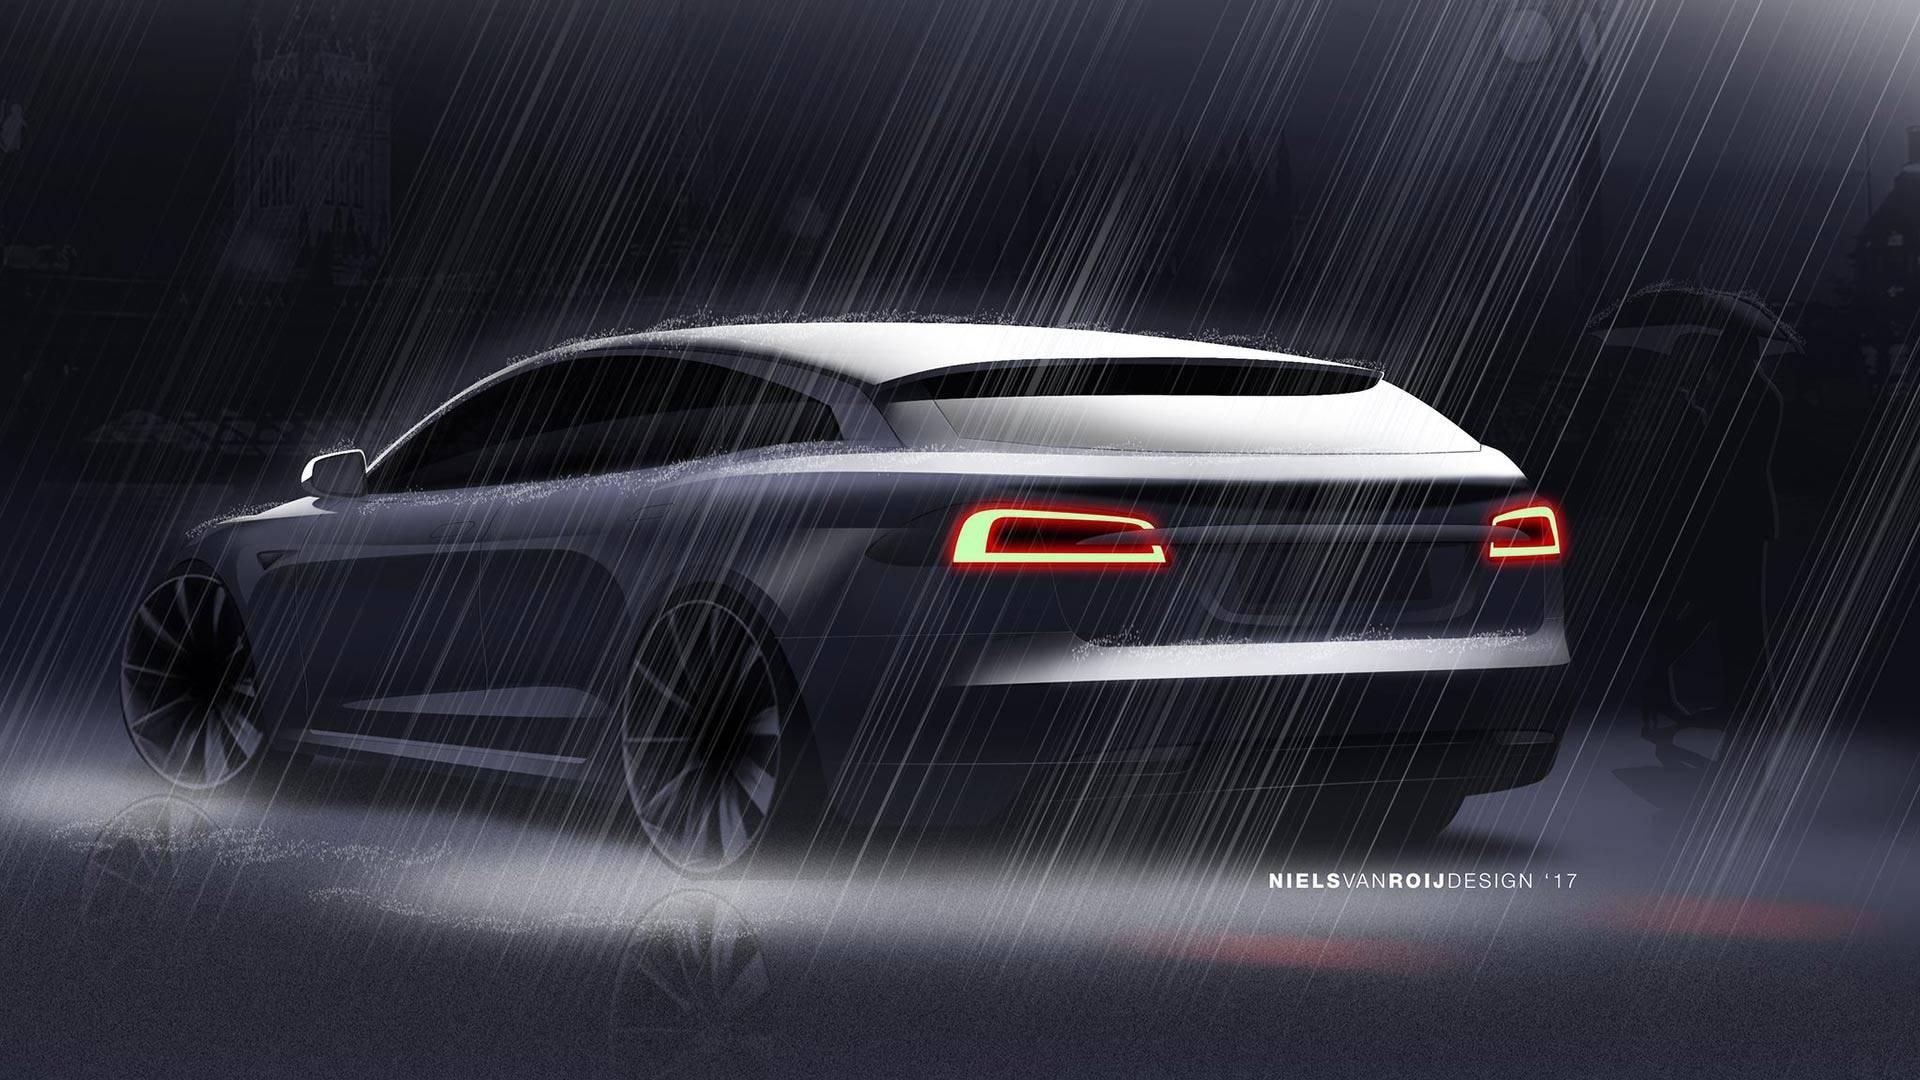 Niels van Roij Design Tesla Model S Shooting Brake (1)